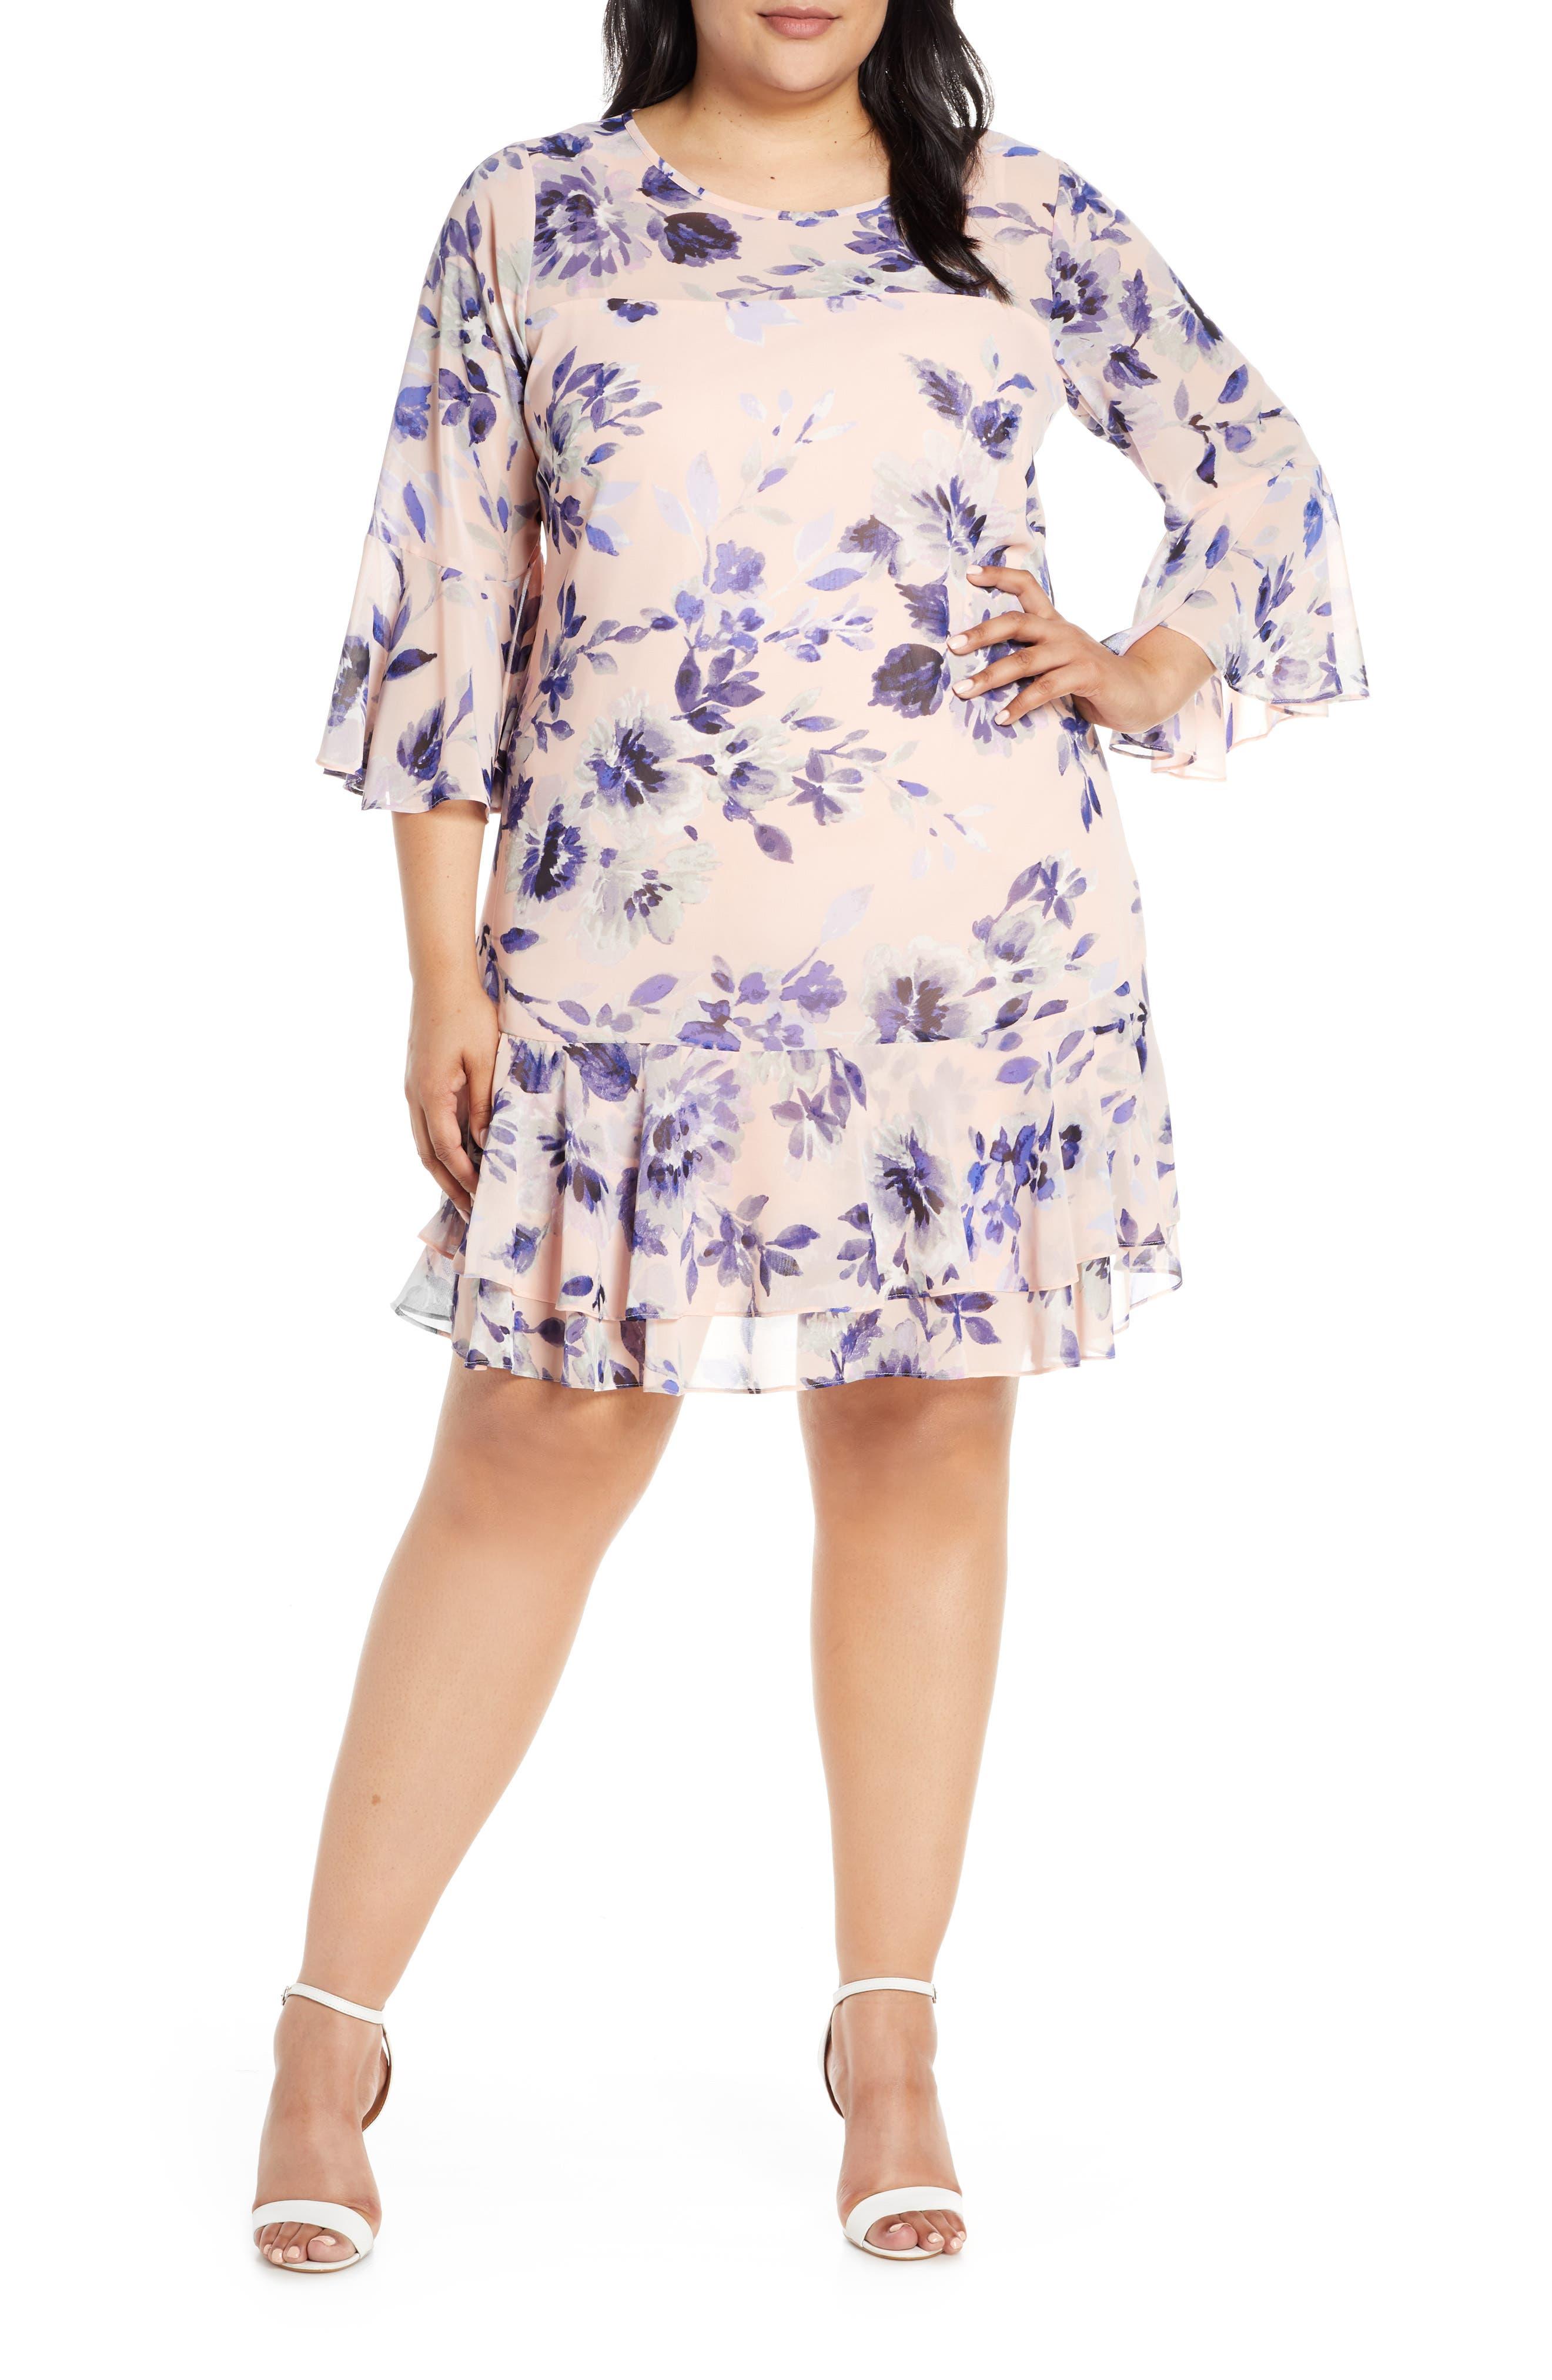 Where to Buy Vintage 1920s Dresses Plus Size Womens Eliza J Floral Chiffon Flounce Dress $178.00 AT vintagedancer.com